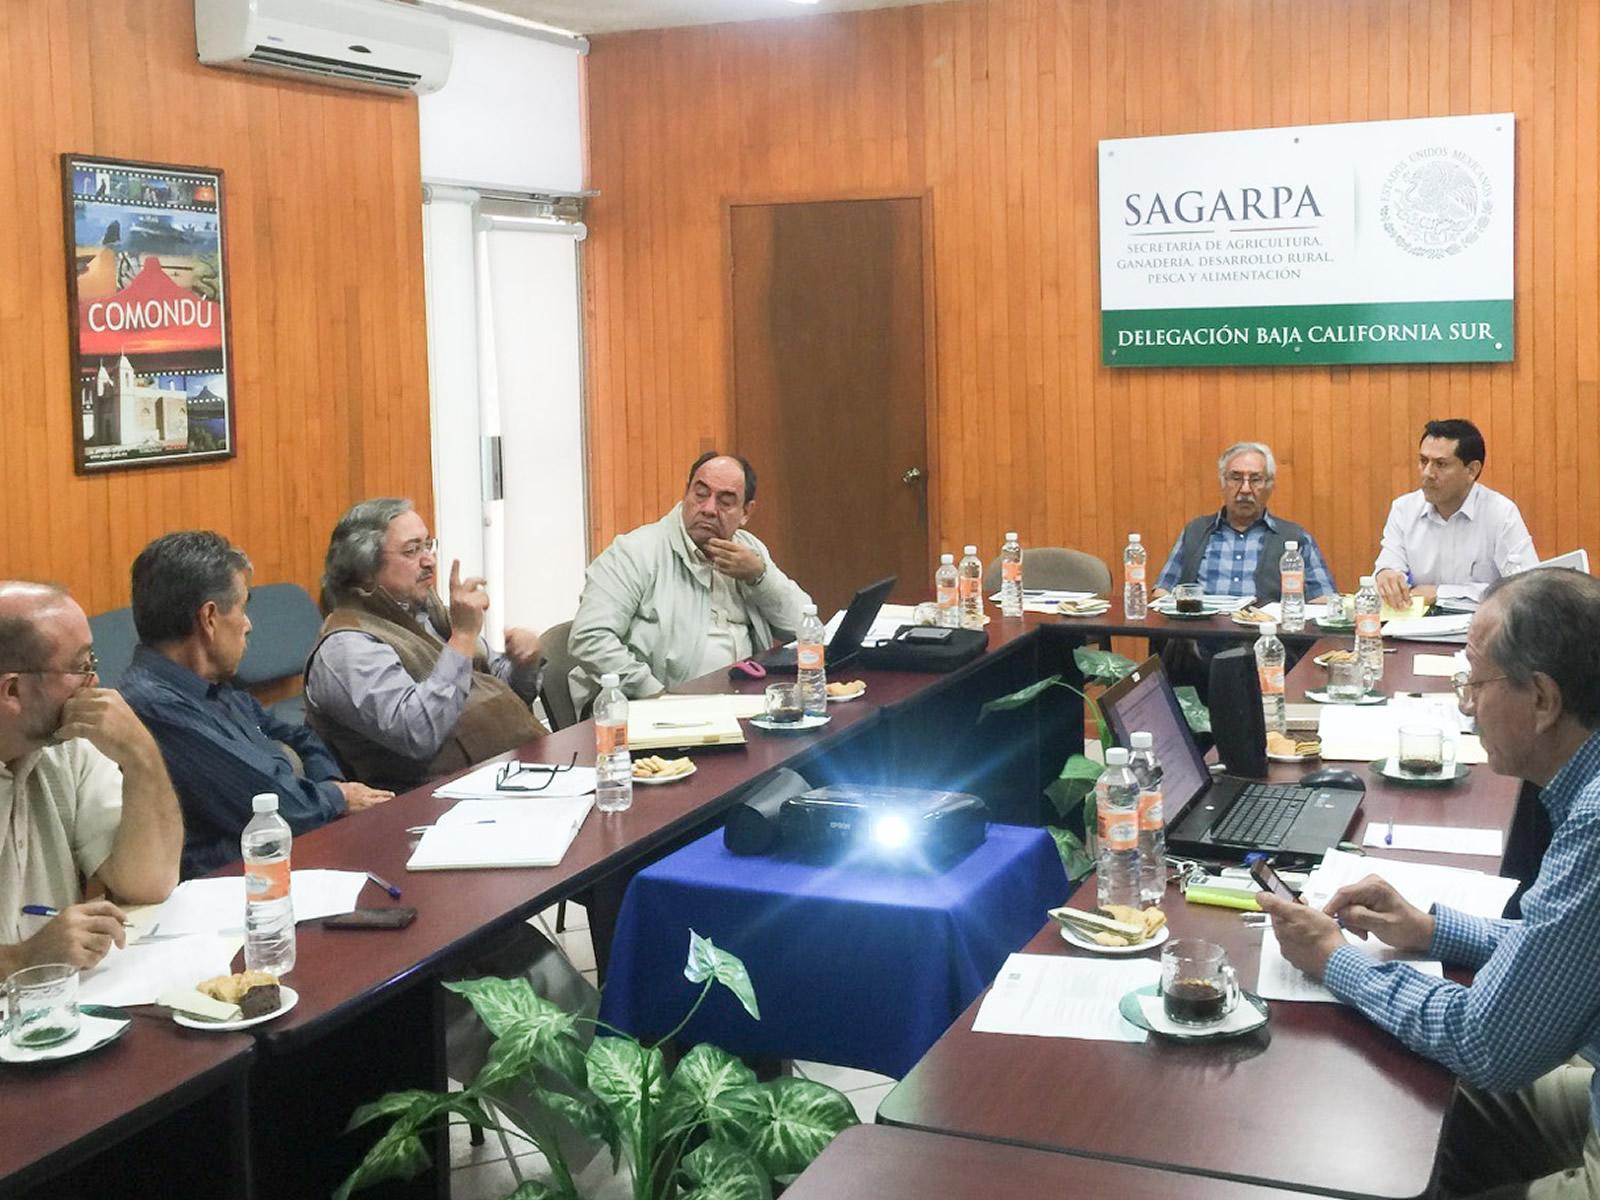 Con la representación del comisionado Mario Aguilar Sánchez, asistió a la sesión el director general adjunto de Ordenamiento Pesquero y Acuícola,  Raúl Villaseñor Talavera.